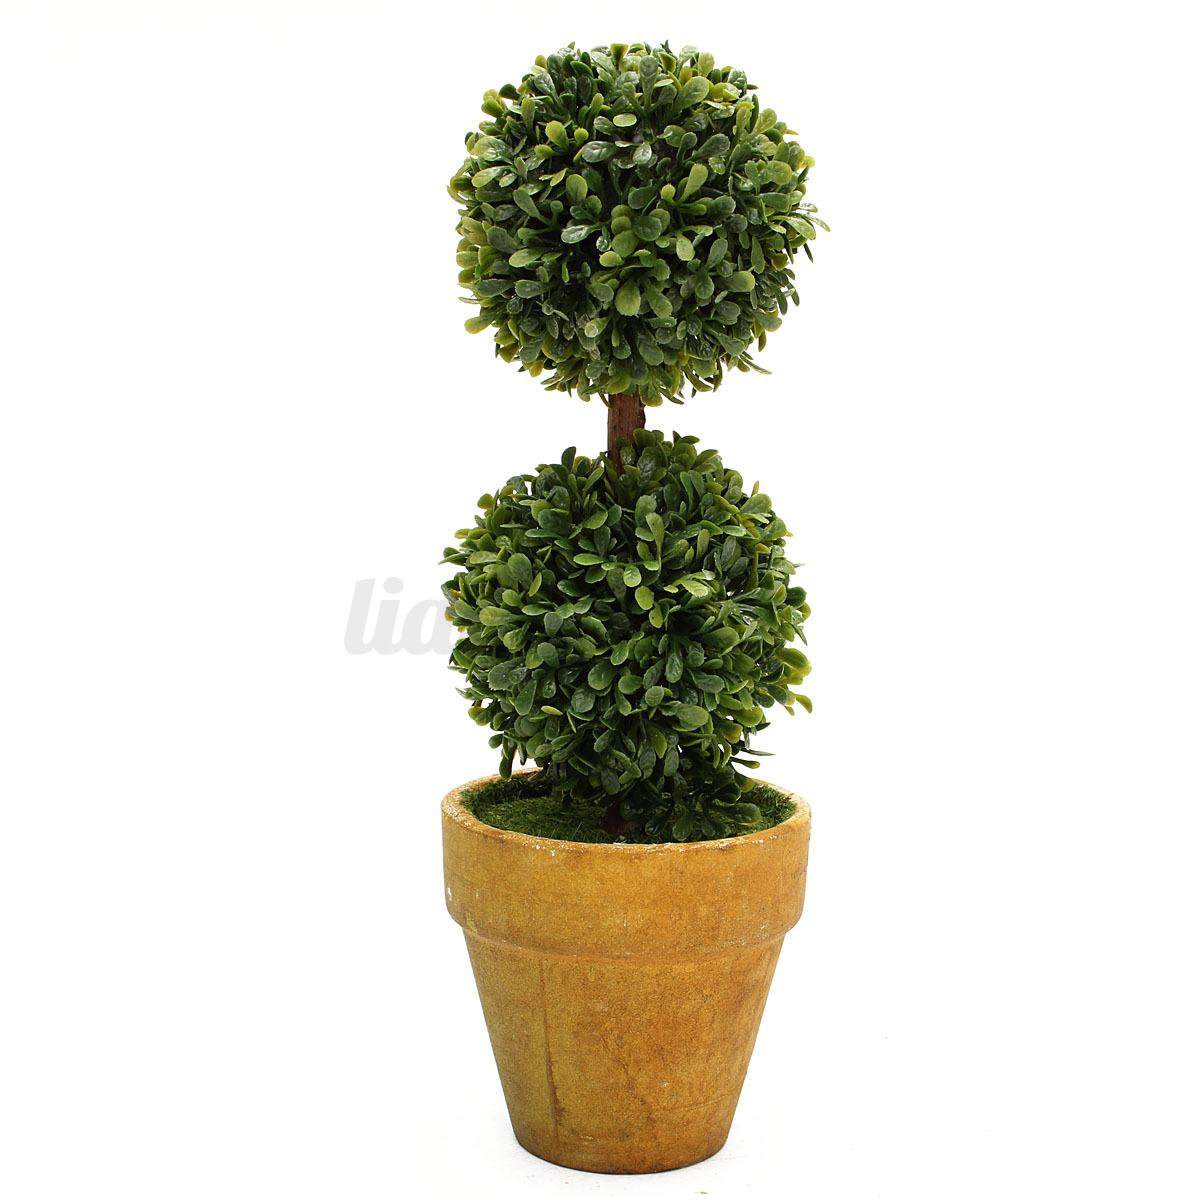 Artificielle plante pot arbre ornement bonsa jardin for Plantes ornement jardin